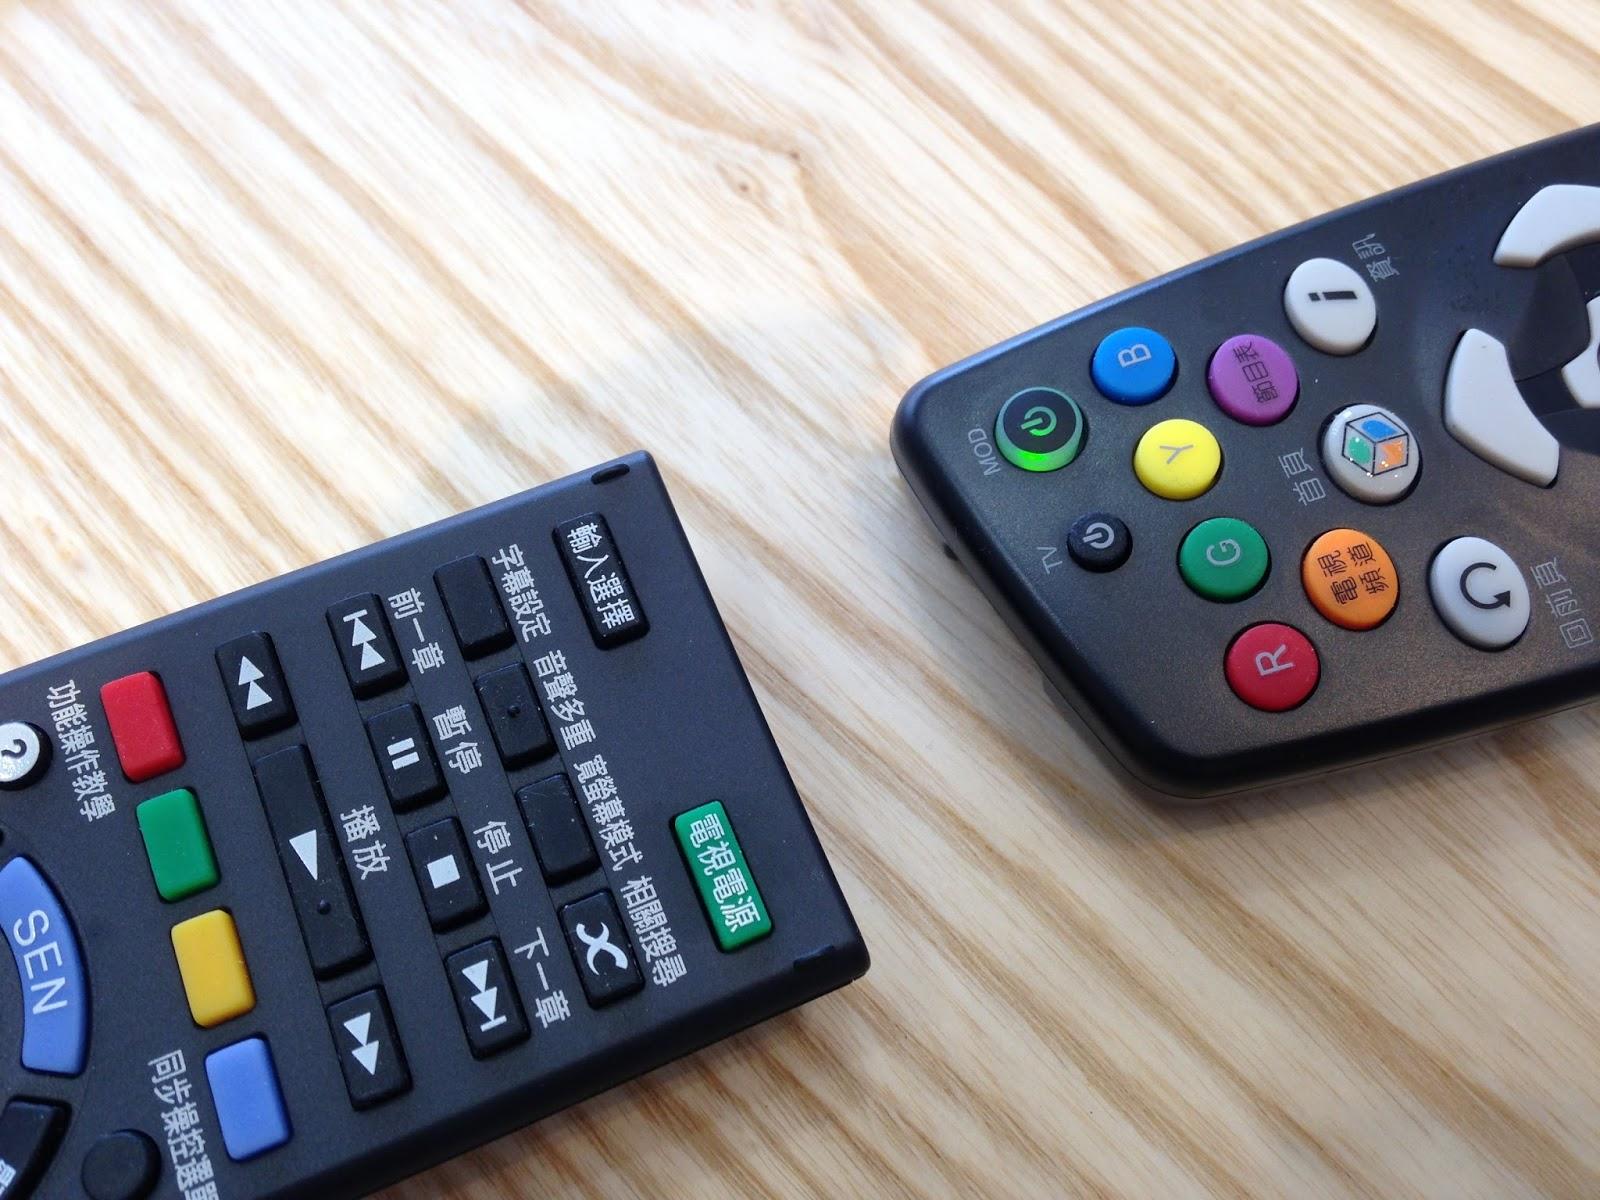 MOD遙控器電視開關設定 MOD303 / MRC30 - 玩物尚誌